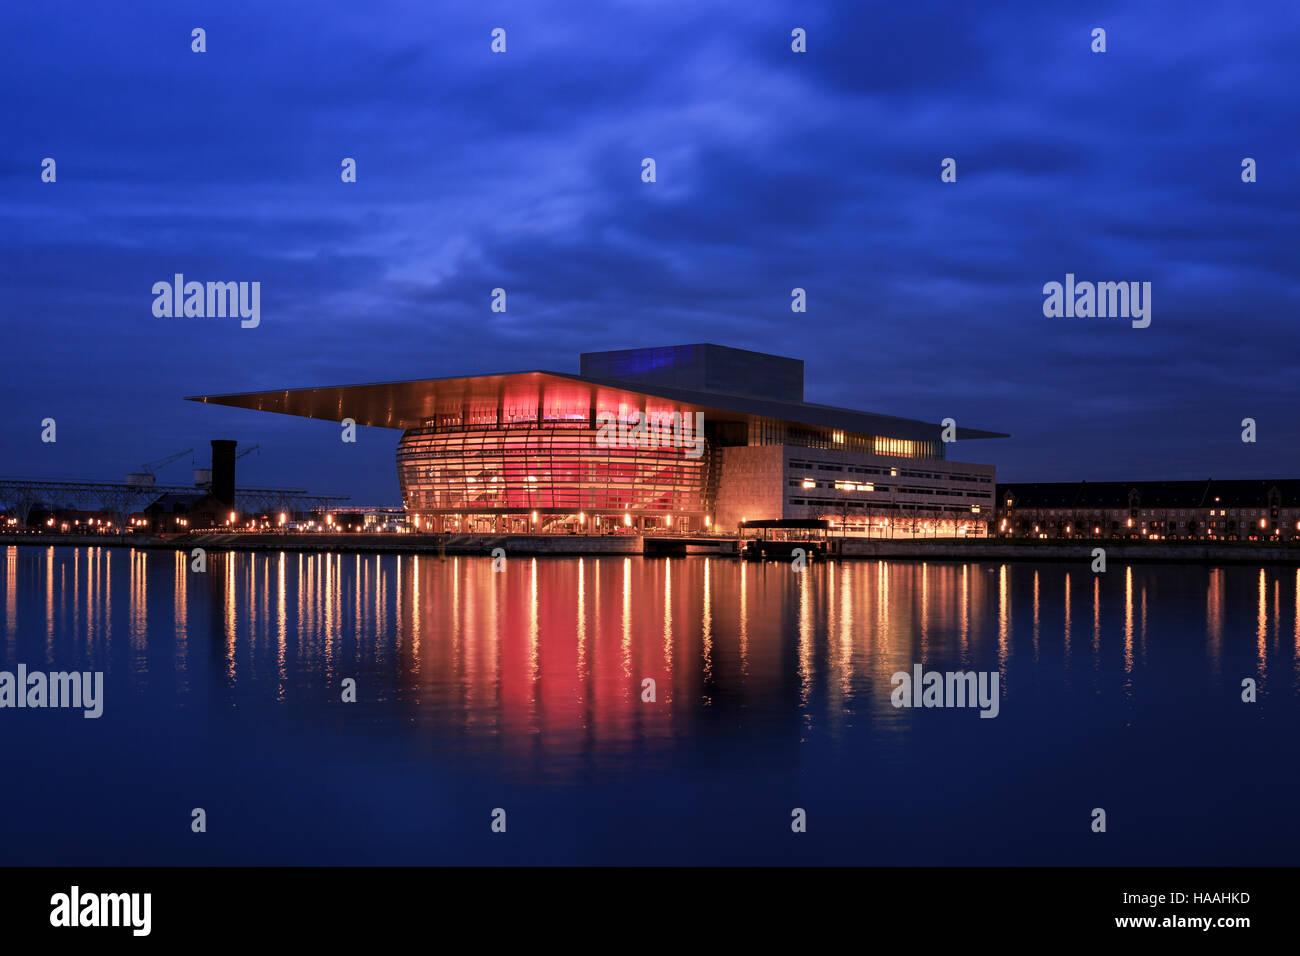 Kopenhagen-Opernhaus, Kopenhagen, Dänemark Stockbild